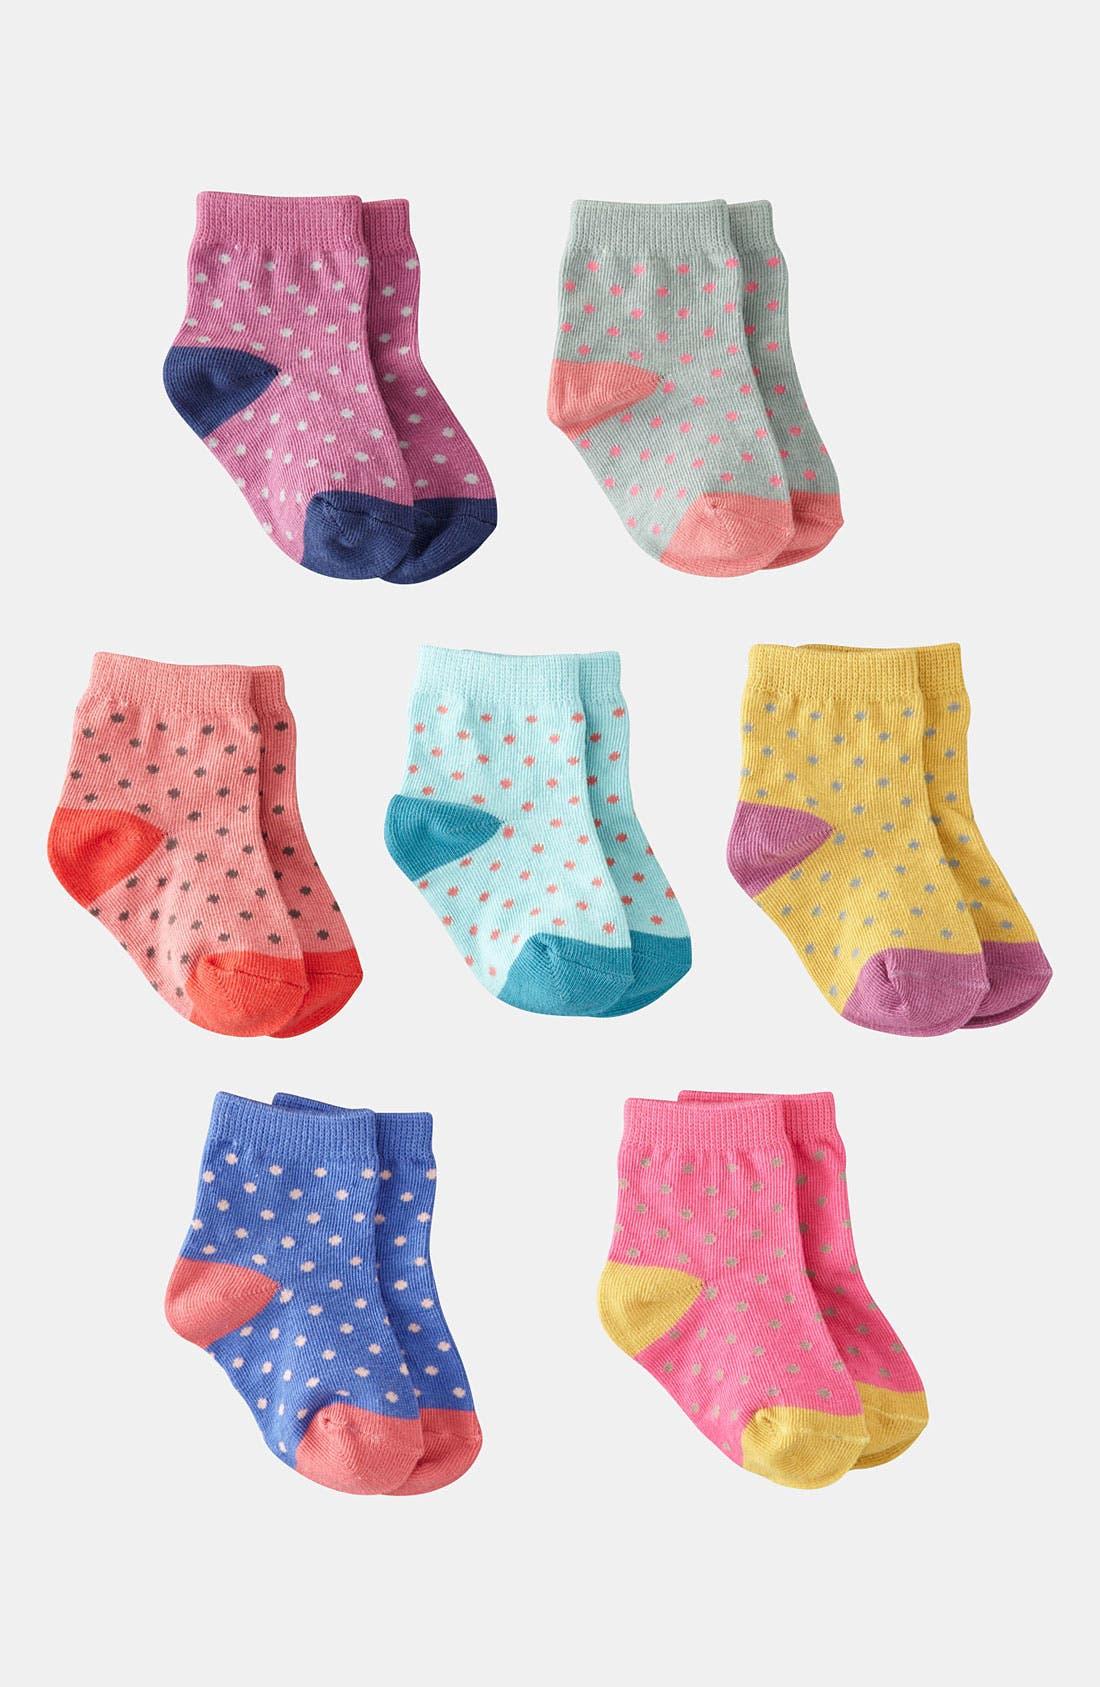 Alternate Image 1 Selected - Mini Boden Socks (7-Pack) (Infant & Toddler)